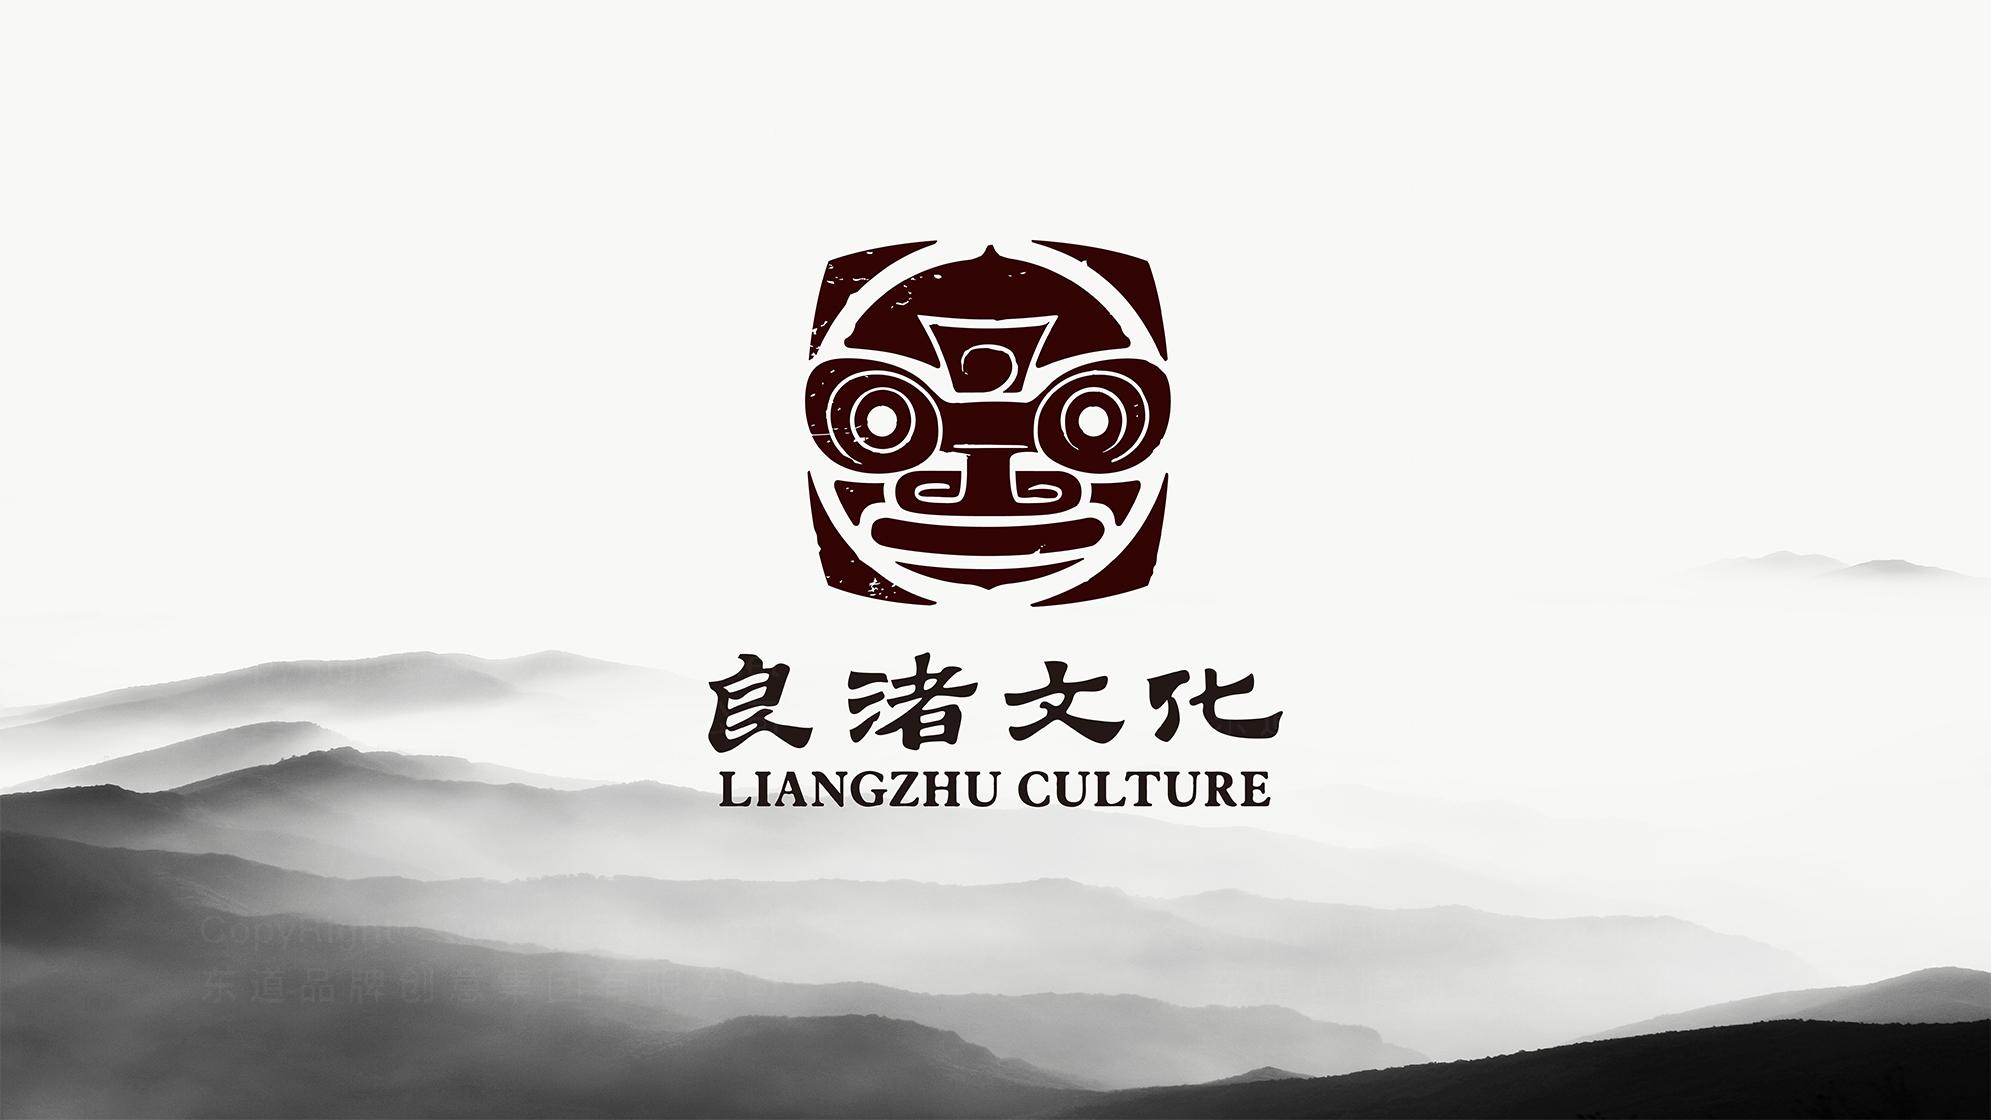 品牌设计案例良渚文化LOGO&VI设计